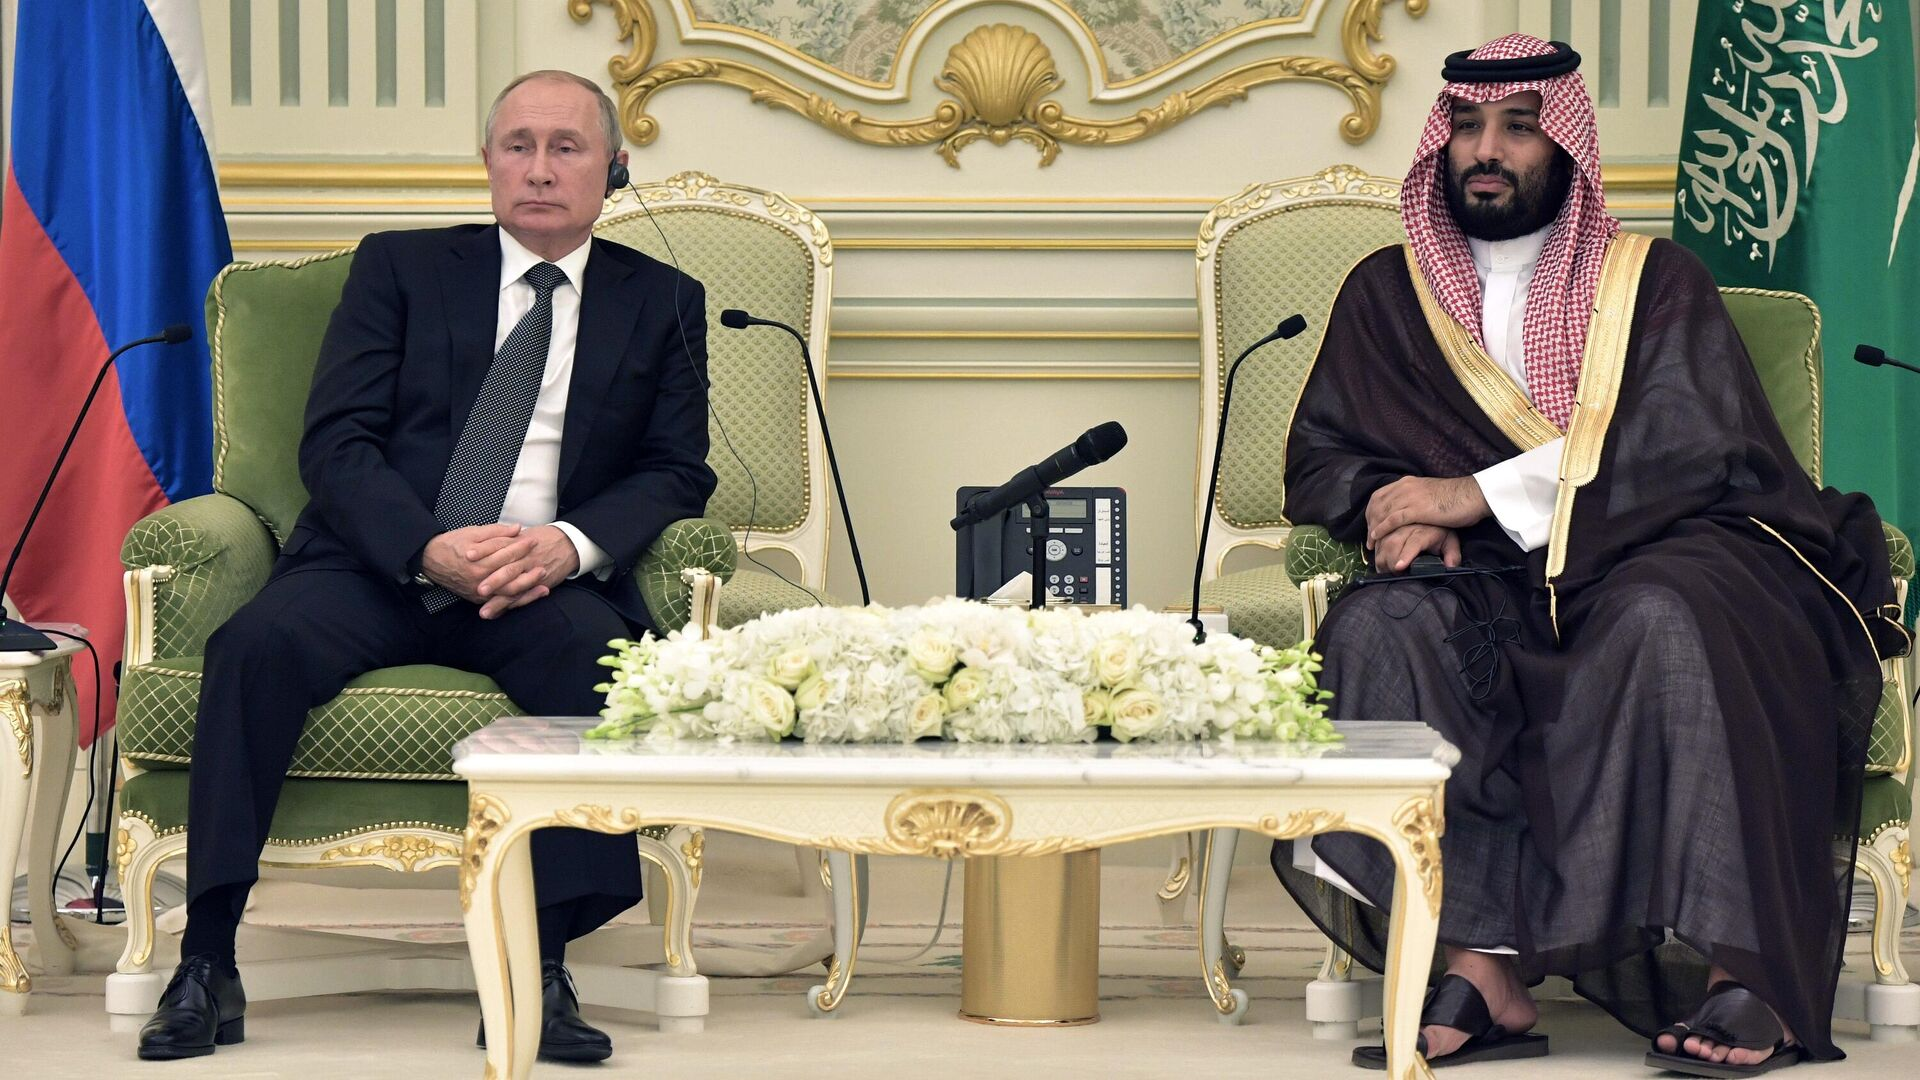 Президент РФ Владимир Путин и наследный принц Саудовской Аравии, министр обороны королевства Саудовская Аравия Мухаммед бен Сальман аль Сауд во время встречи - РИА Новости, 1920, 13.10.2020